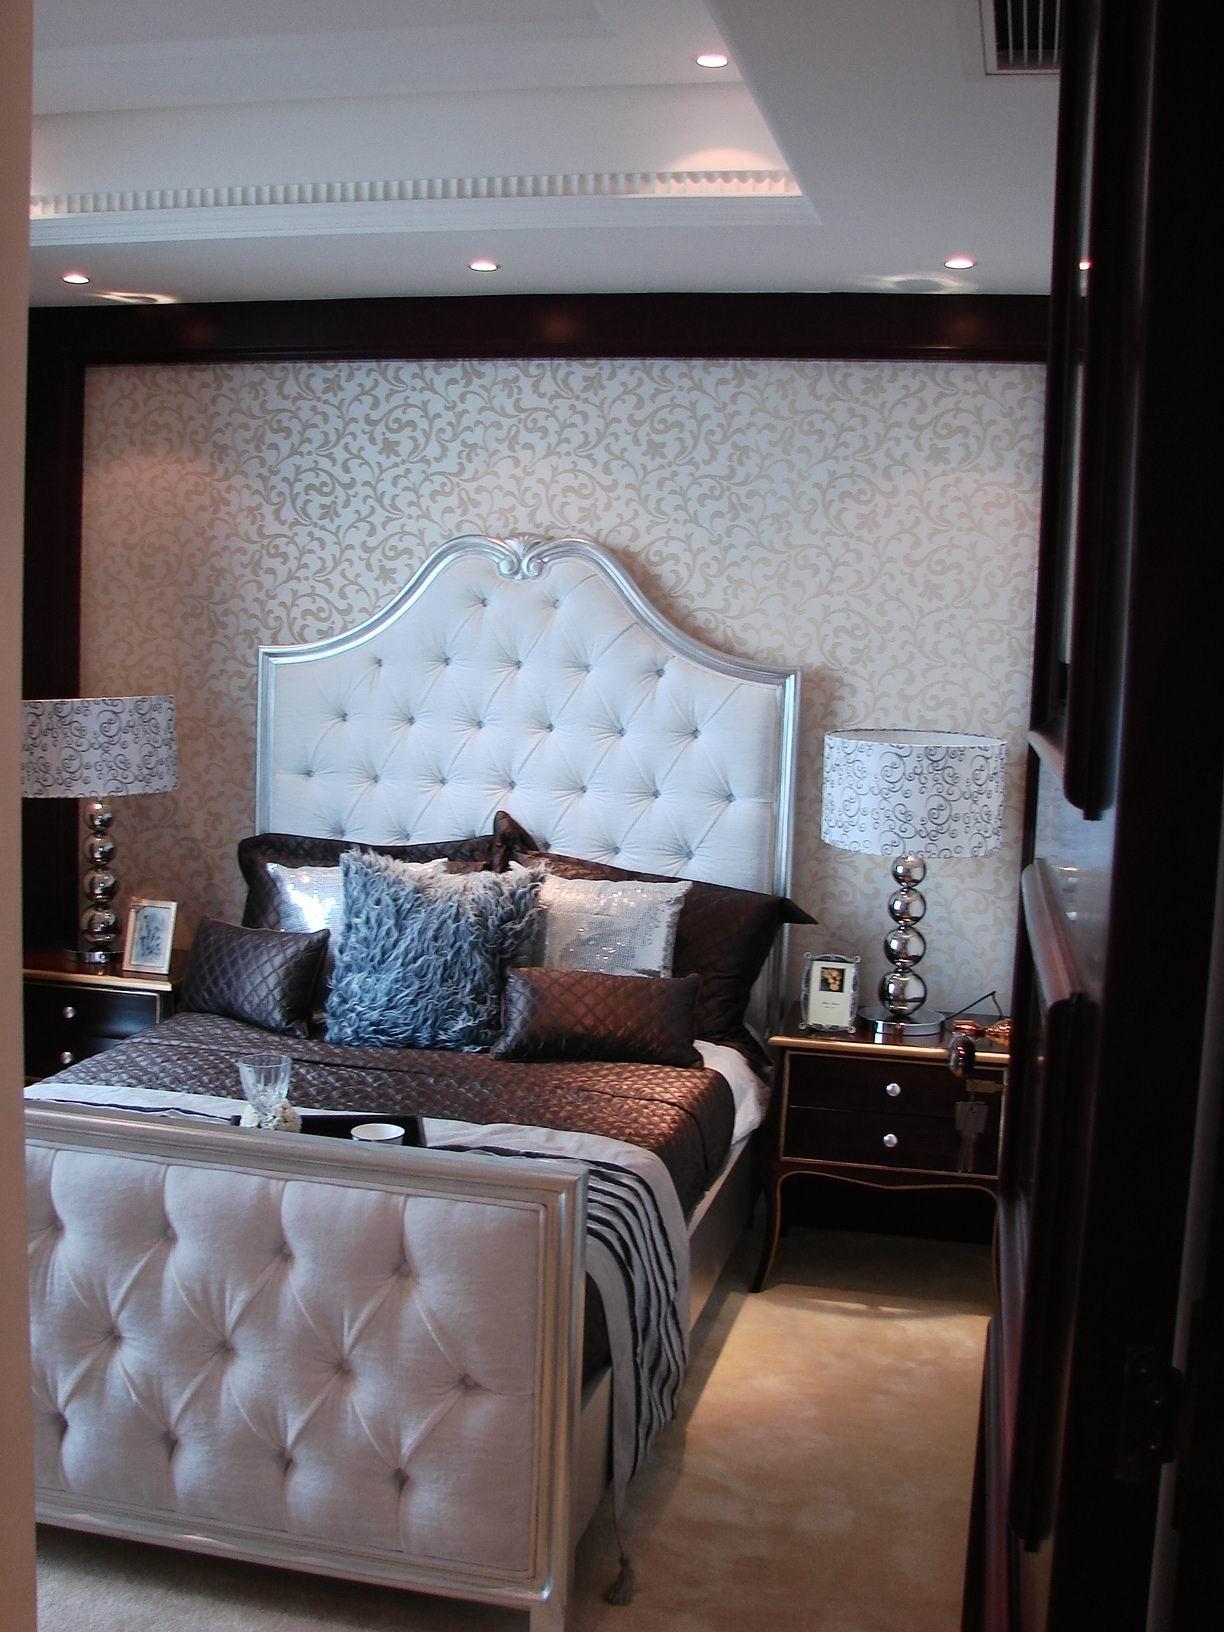 欧式 四室两厅 四居 欧式样板间 卧室图片来自超凡装饰季国华在典雅大气欧式风格样板间的分享